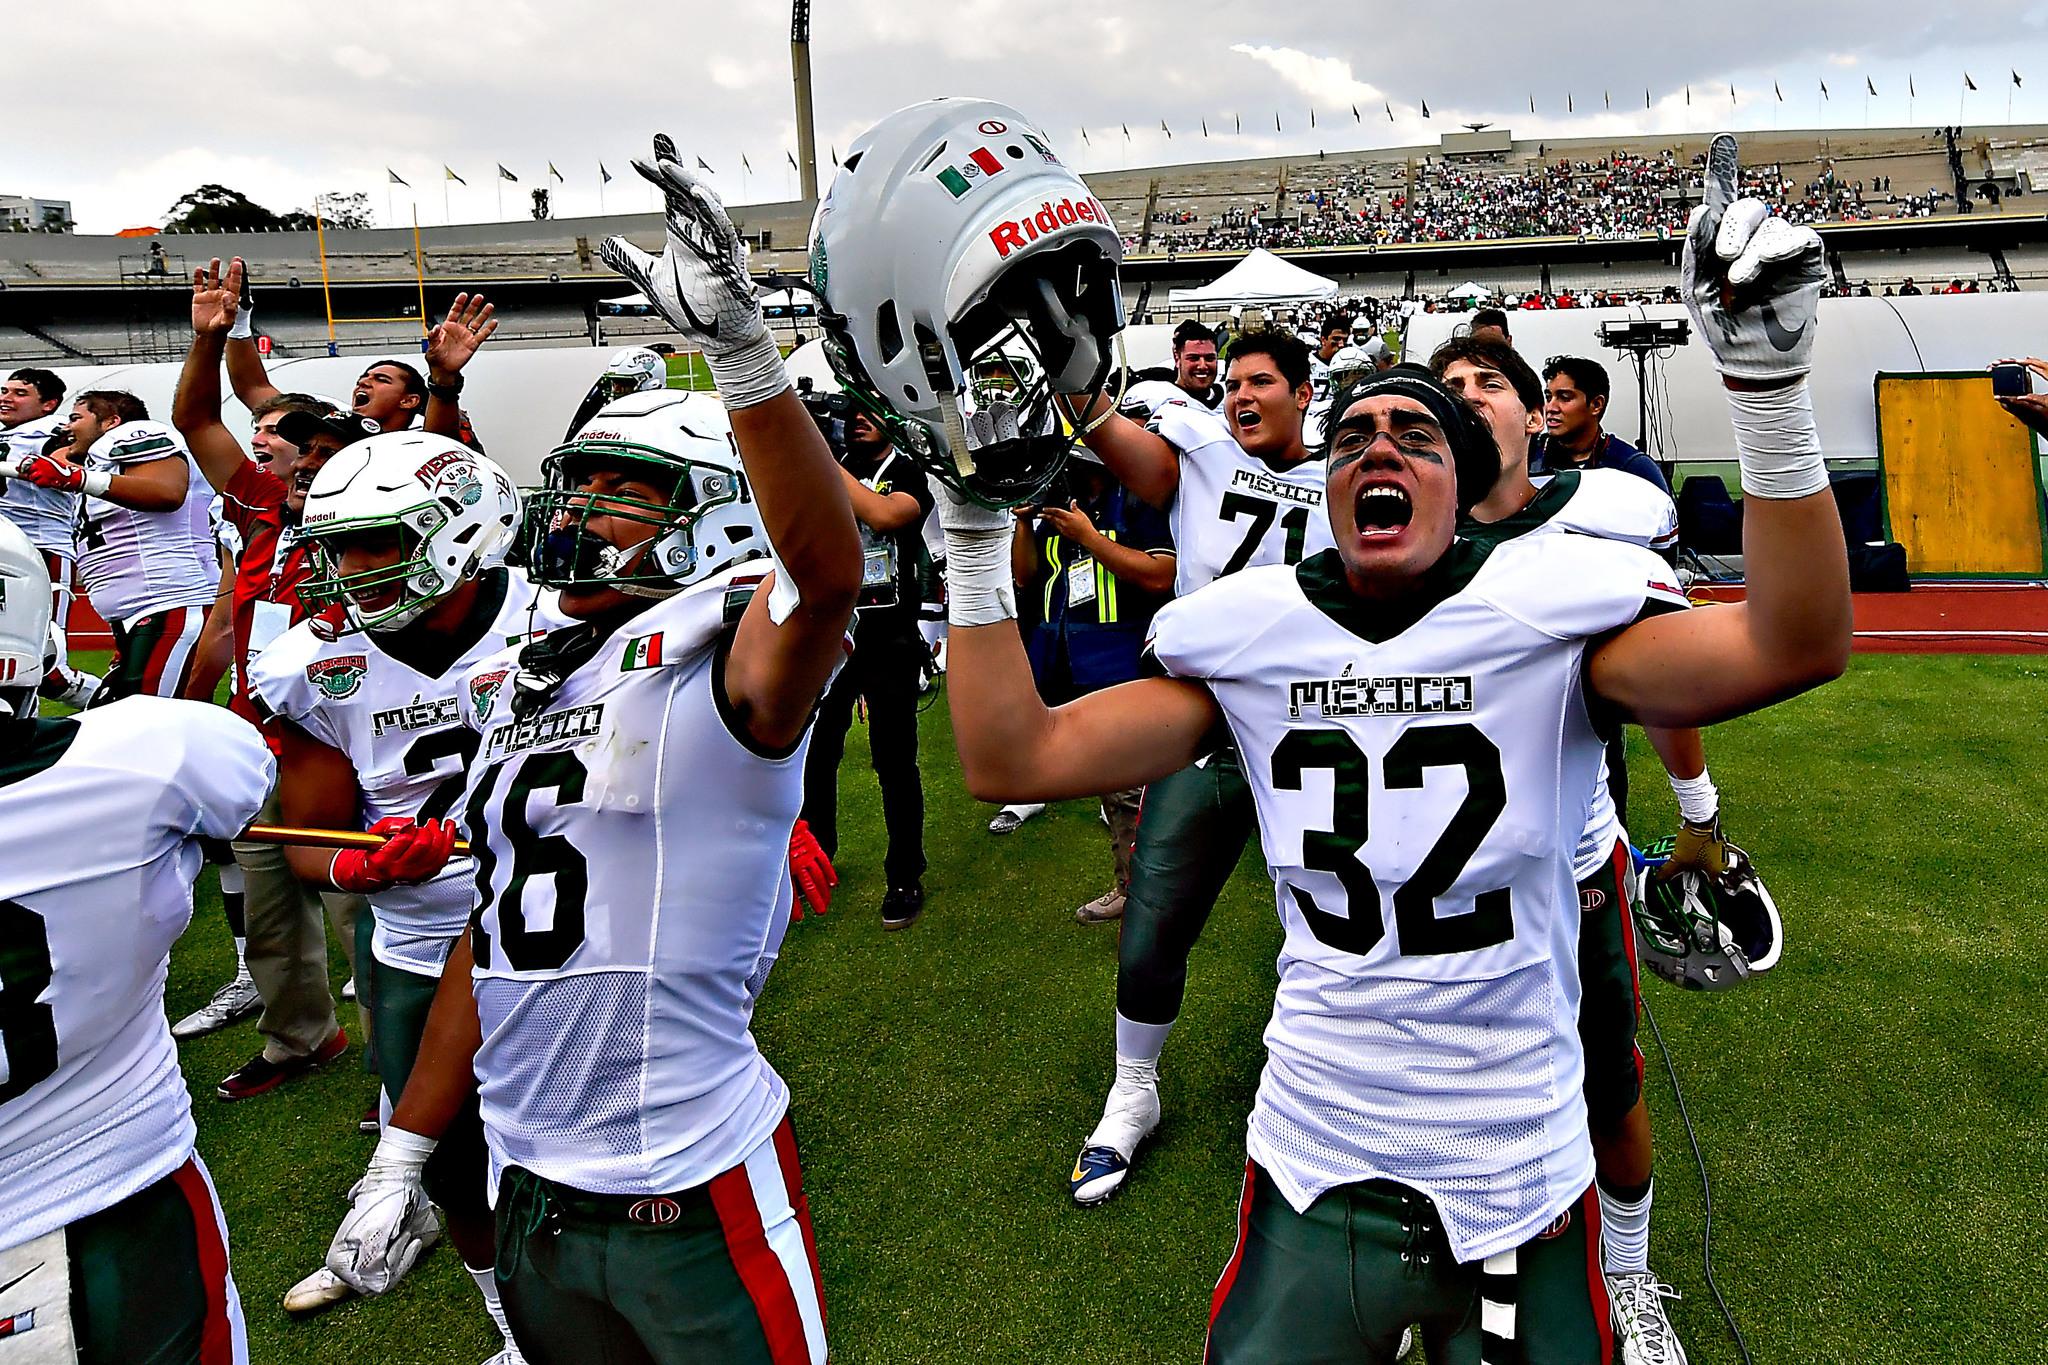 Mundial sub 19 fútbol americano  Histórico triunfo de México ante ... aaf4d7959b2